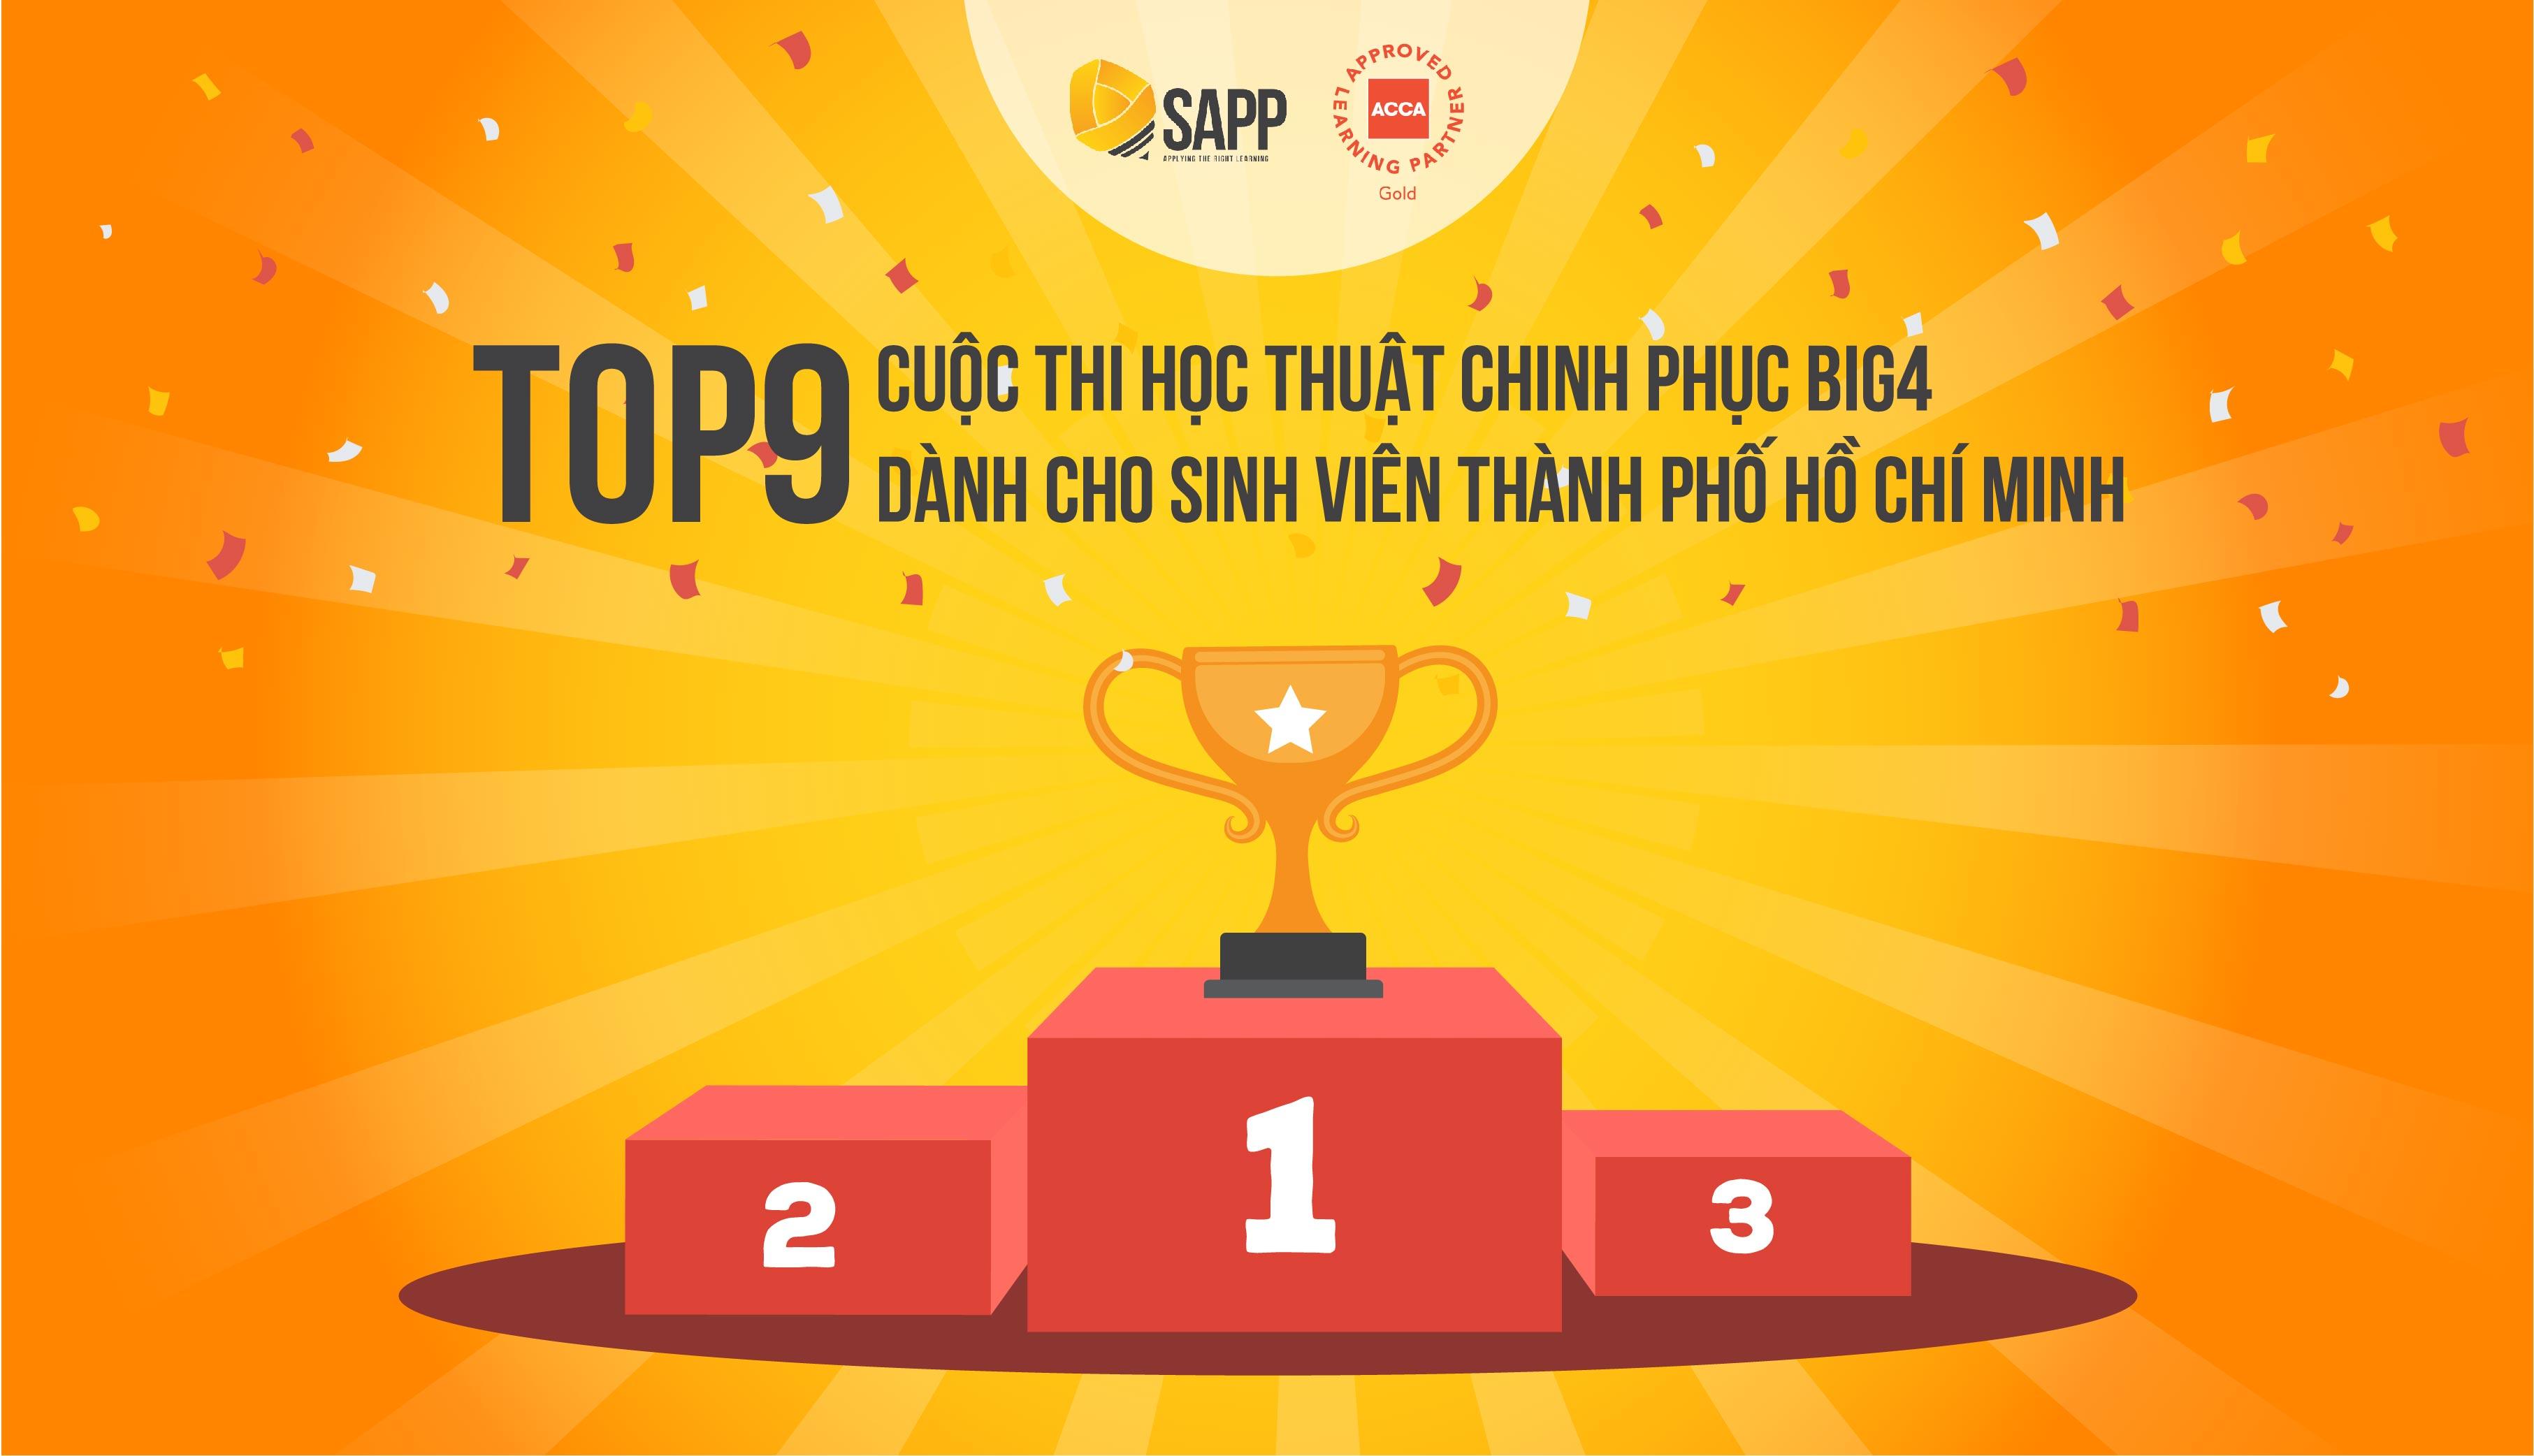 Top 9 Cuộc thi học thuật chinh phục BIG4 tại TP. HCM